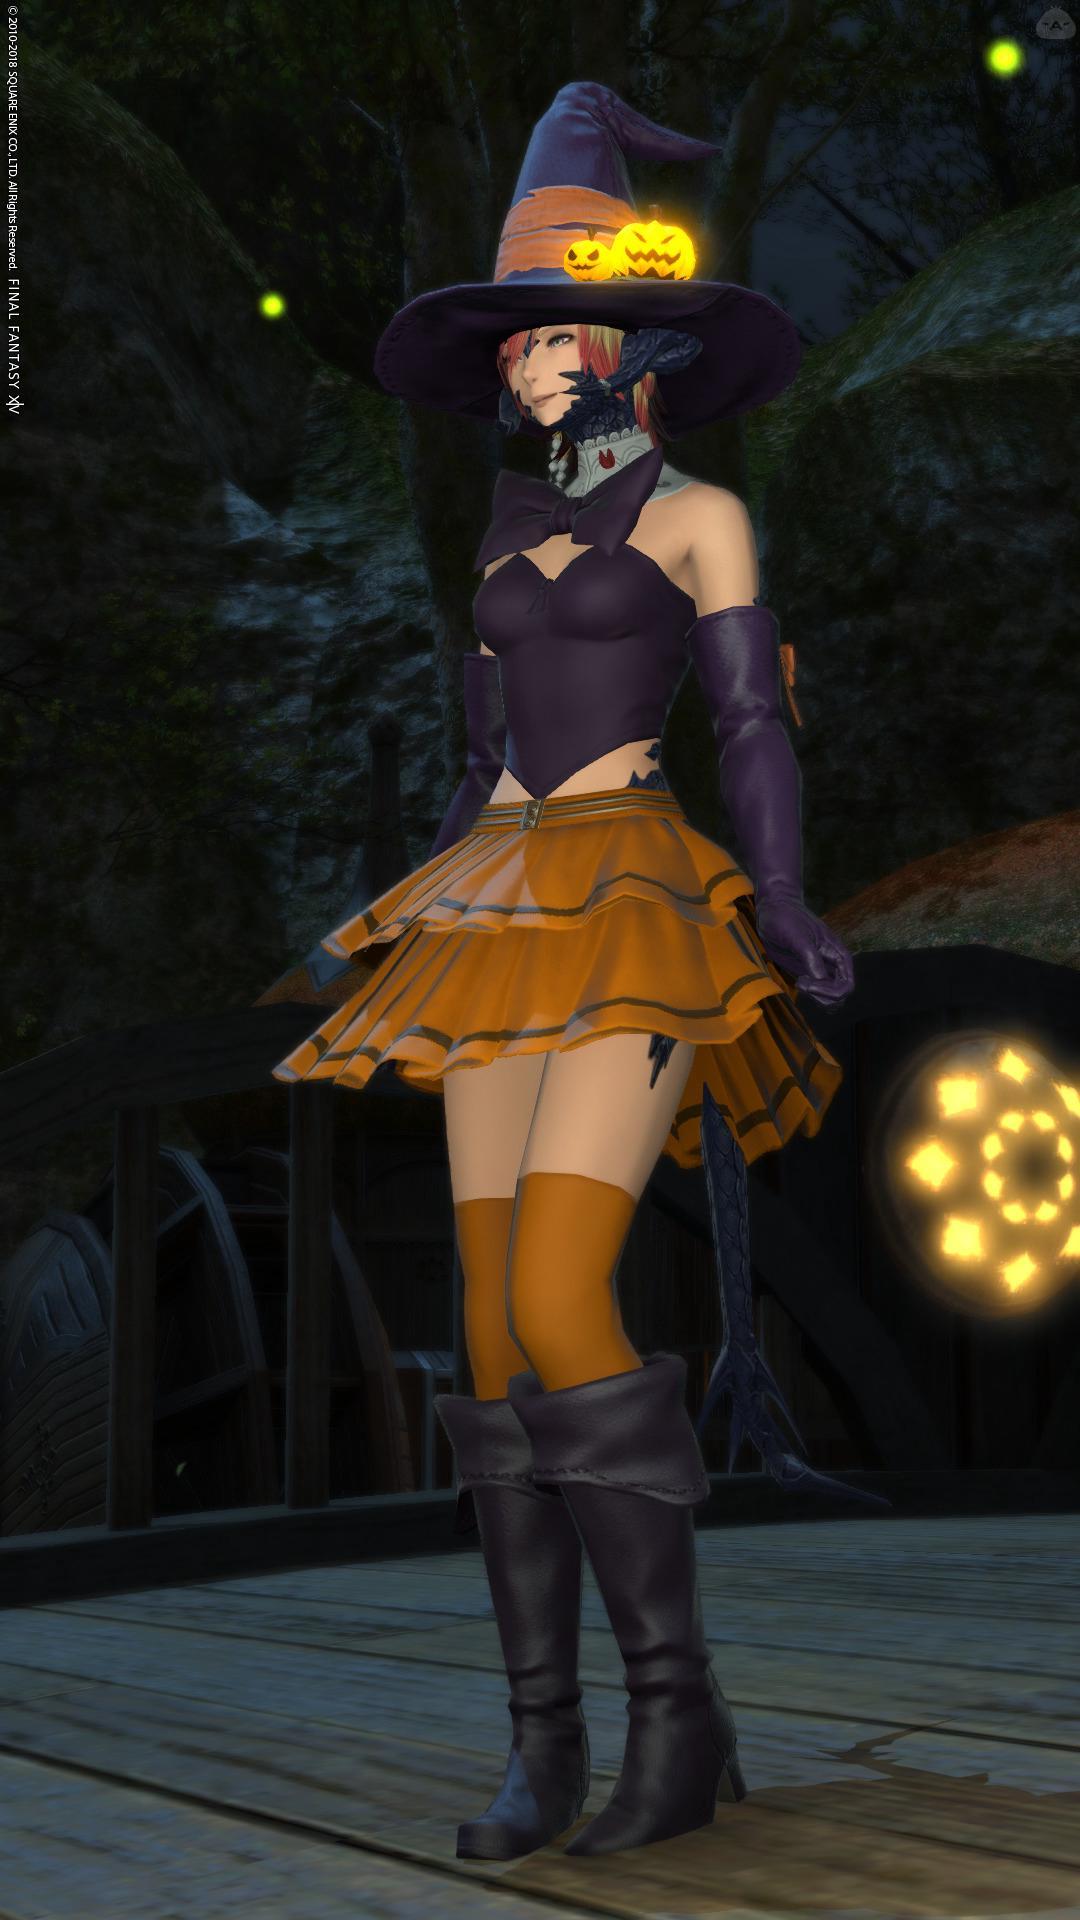 ハロウィン風魔女っ子